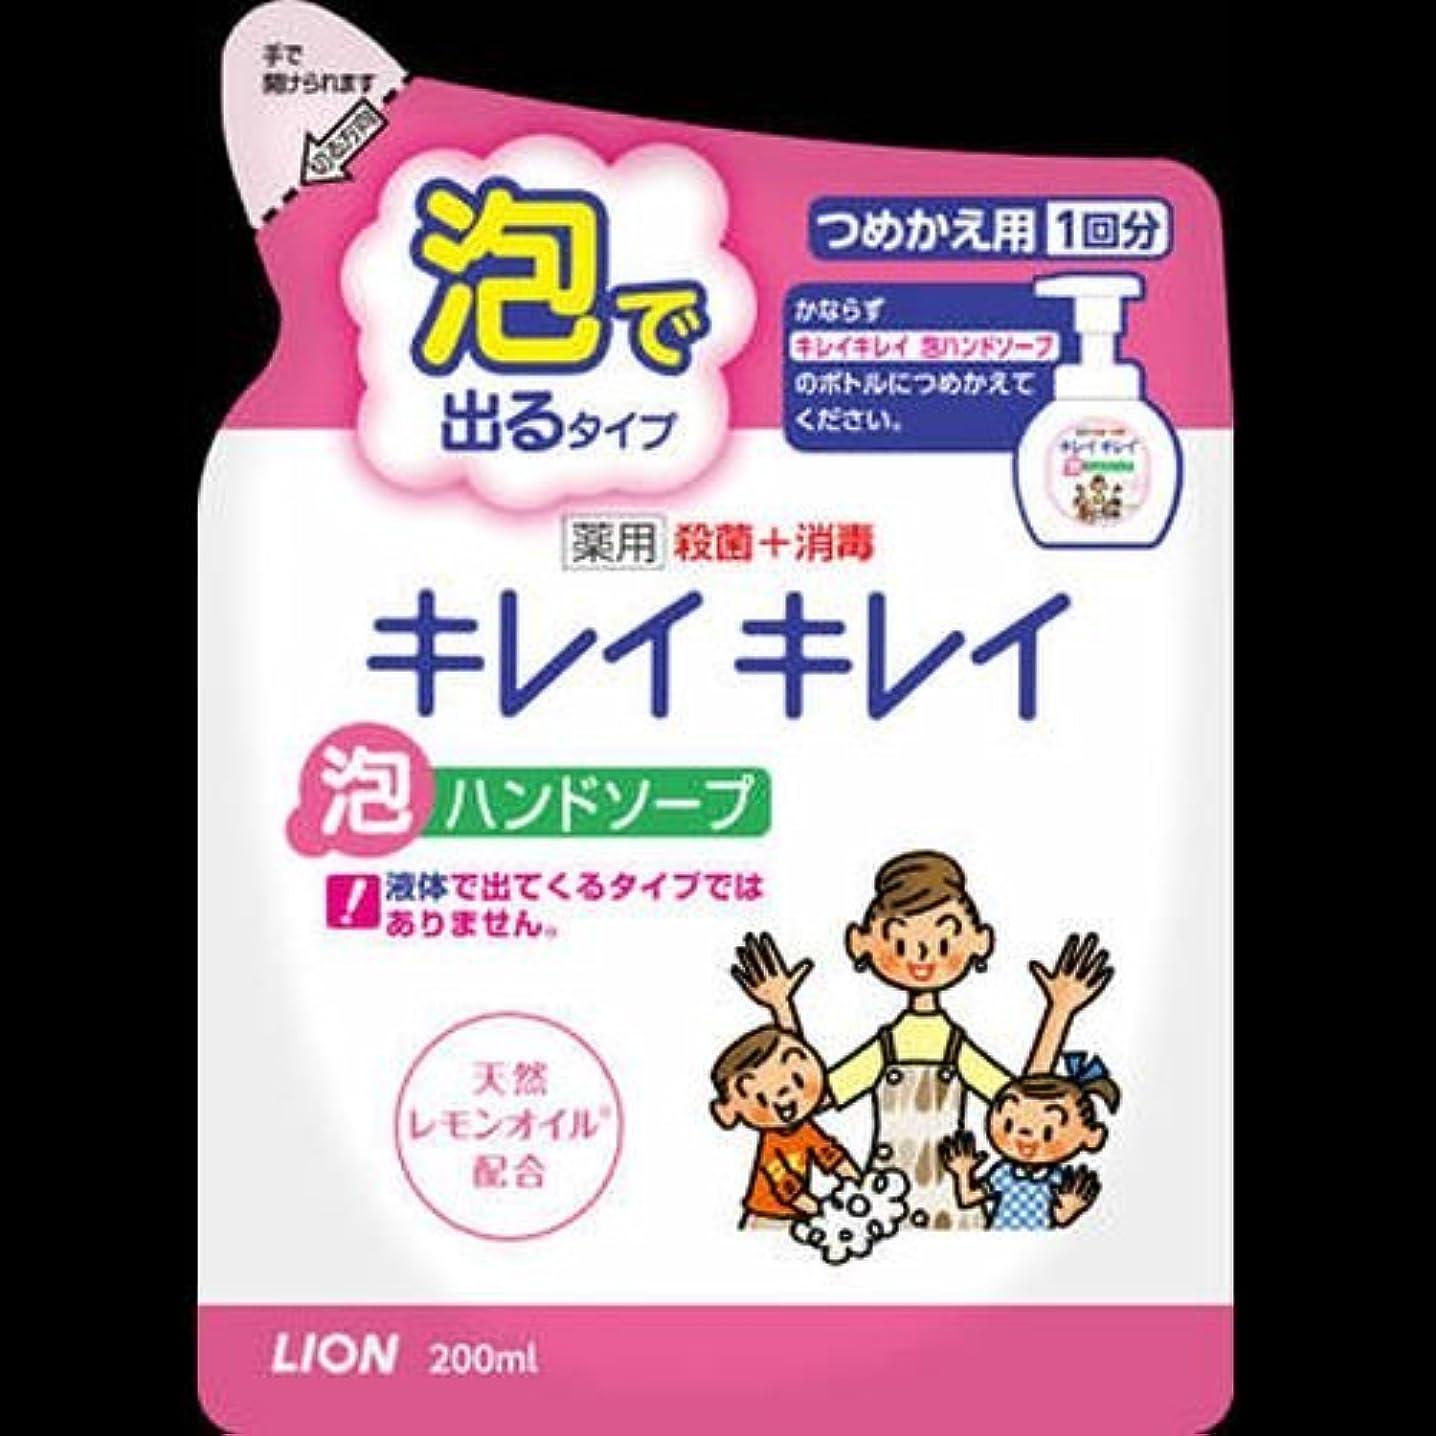 大胆な娯楽予定ライオン キレイキレイ 薬用泡ハンドソープ 詰替 200ml ×2セット